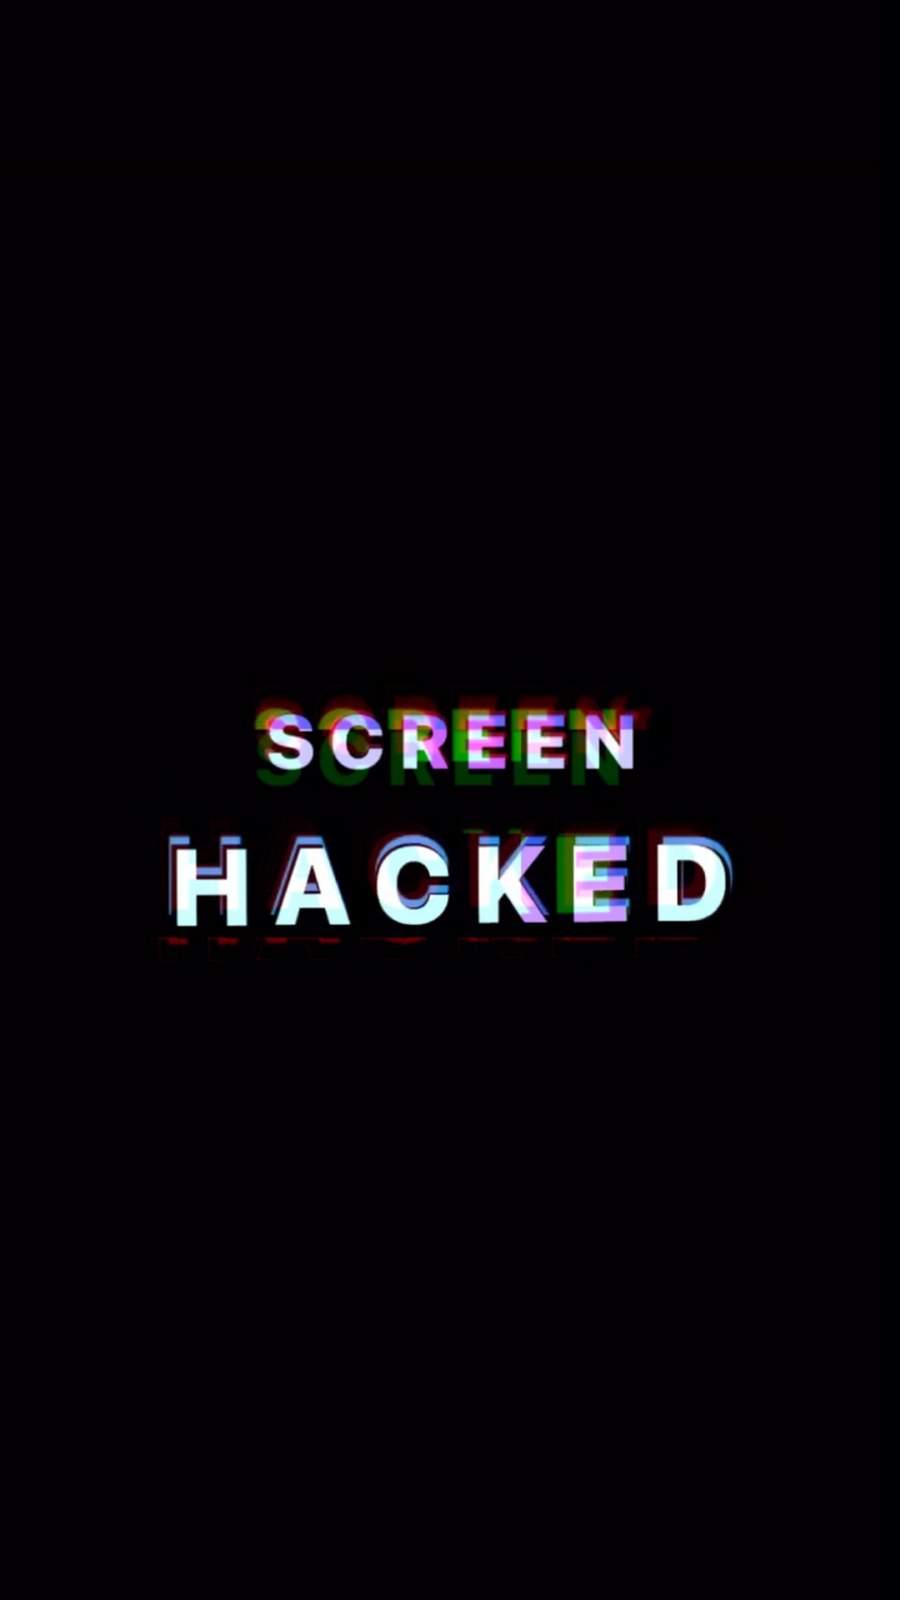 Screen Hacked iPhone Wallpaper